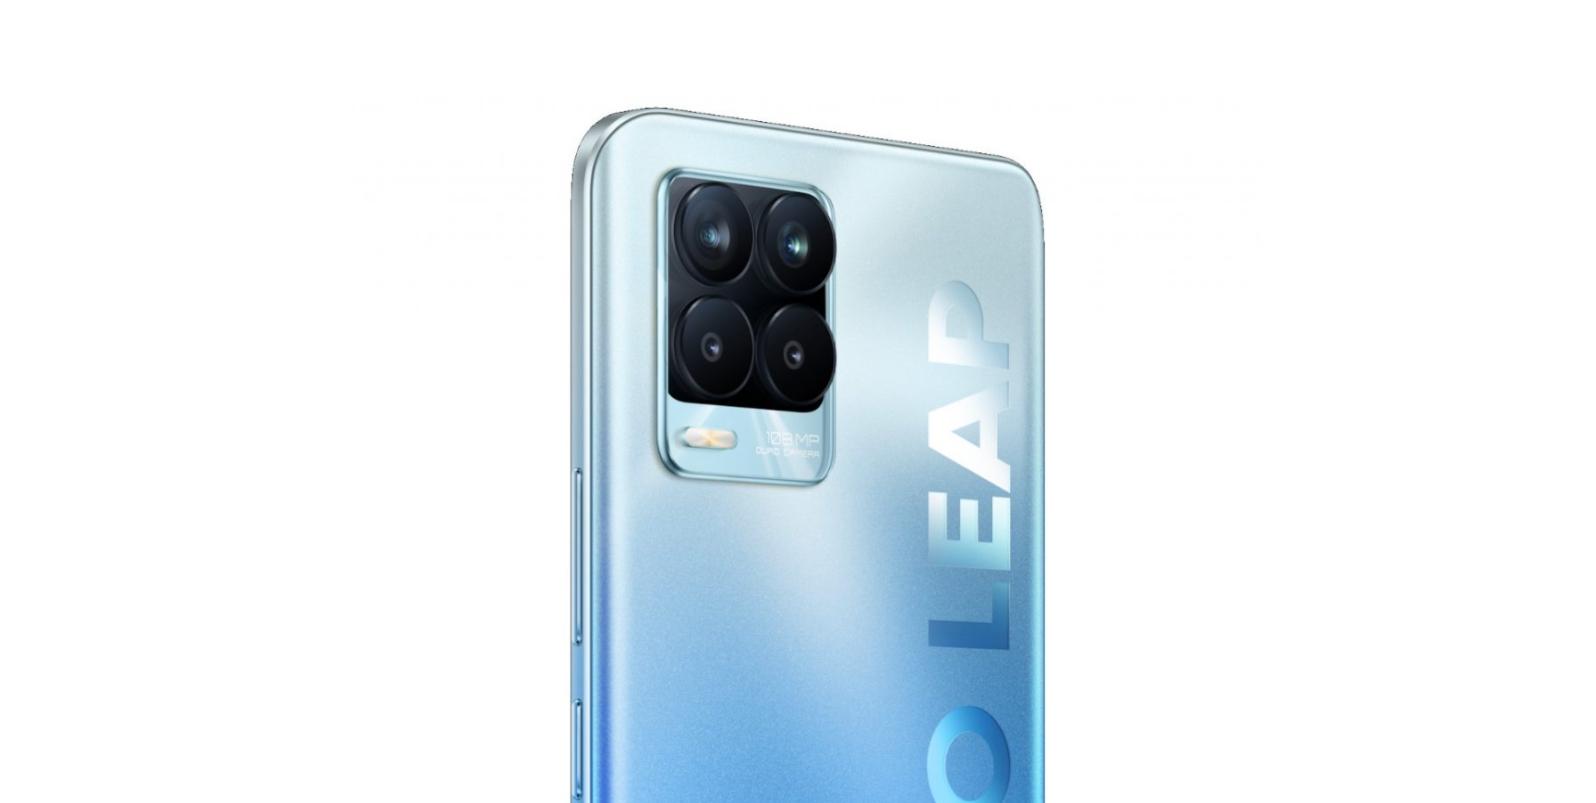 Realme láká na 108MPx senzor, objeví se u Realme 8 Pro